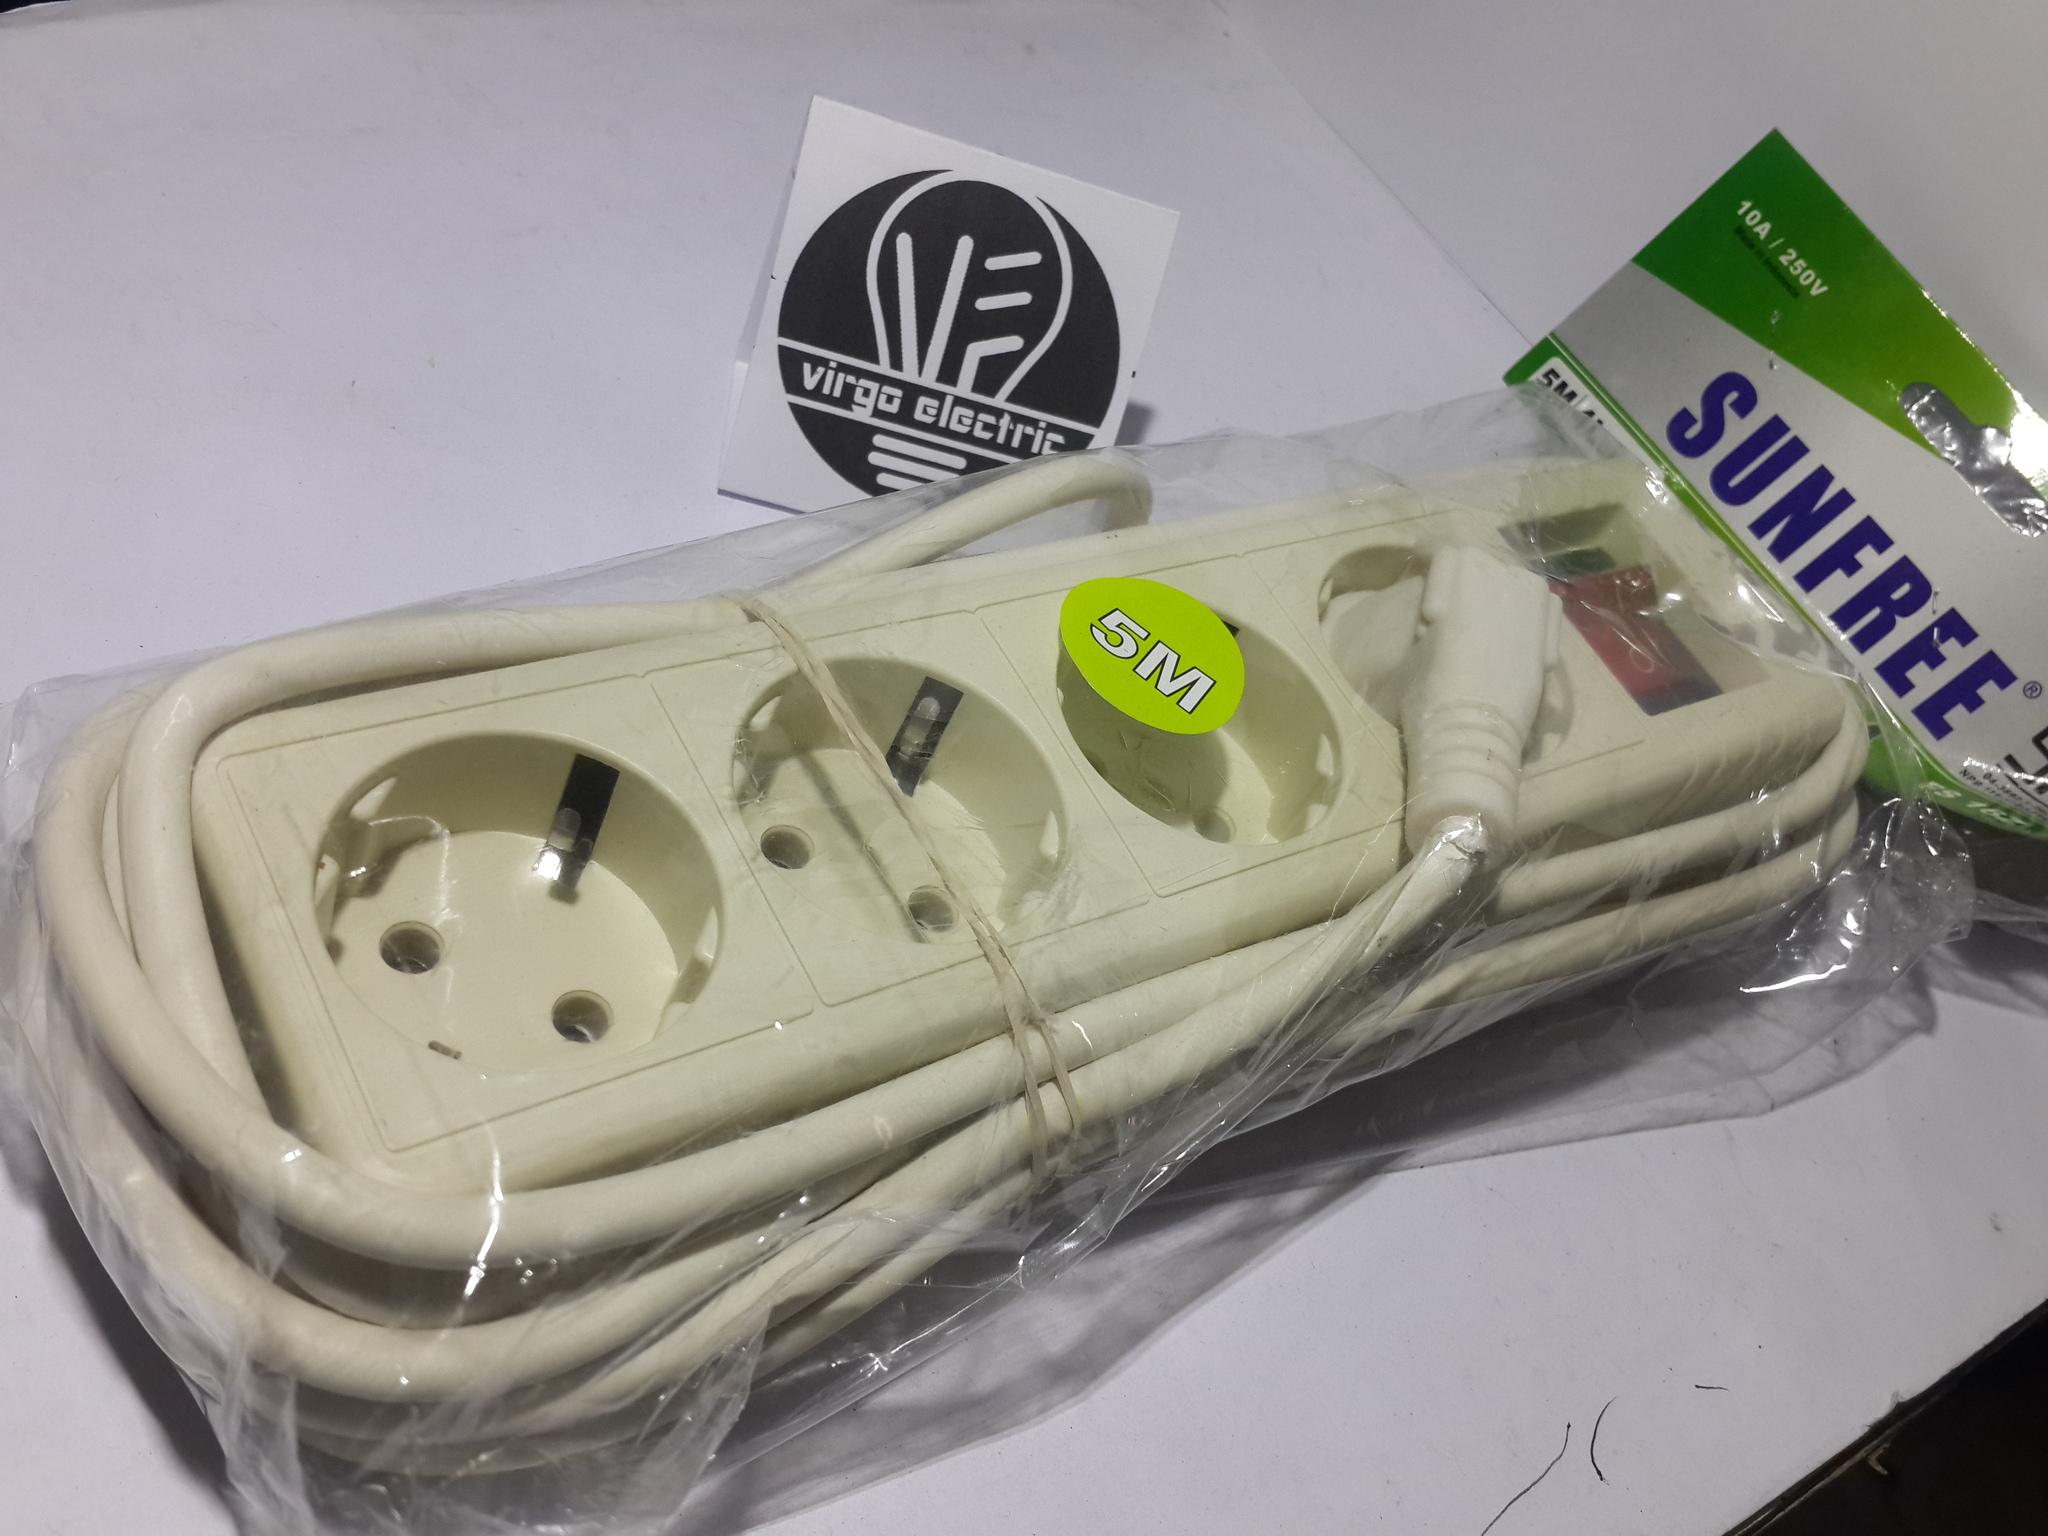 Terminal Colokan 4 Dengan Panjang Kabel 5 Meter Daftar Harga Stop Kontak Lubang Merk Kyzuku Jual Listrik Box Roll Toko